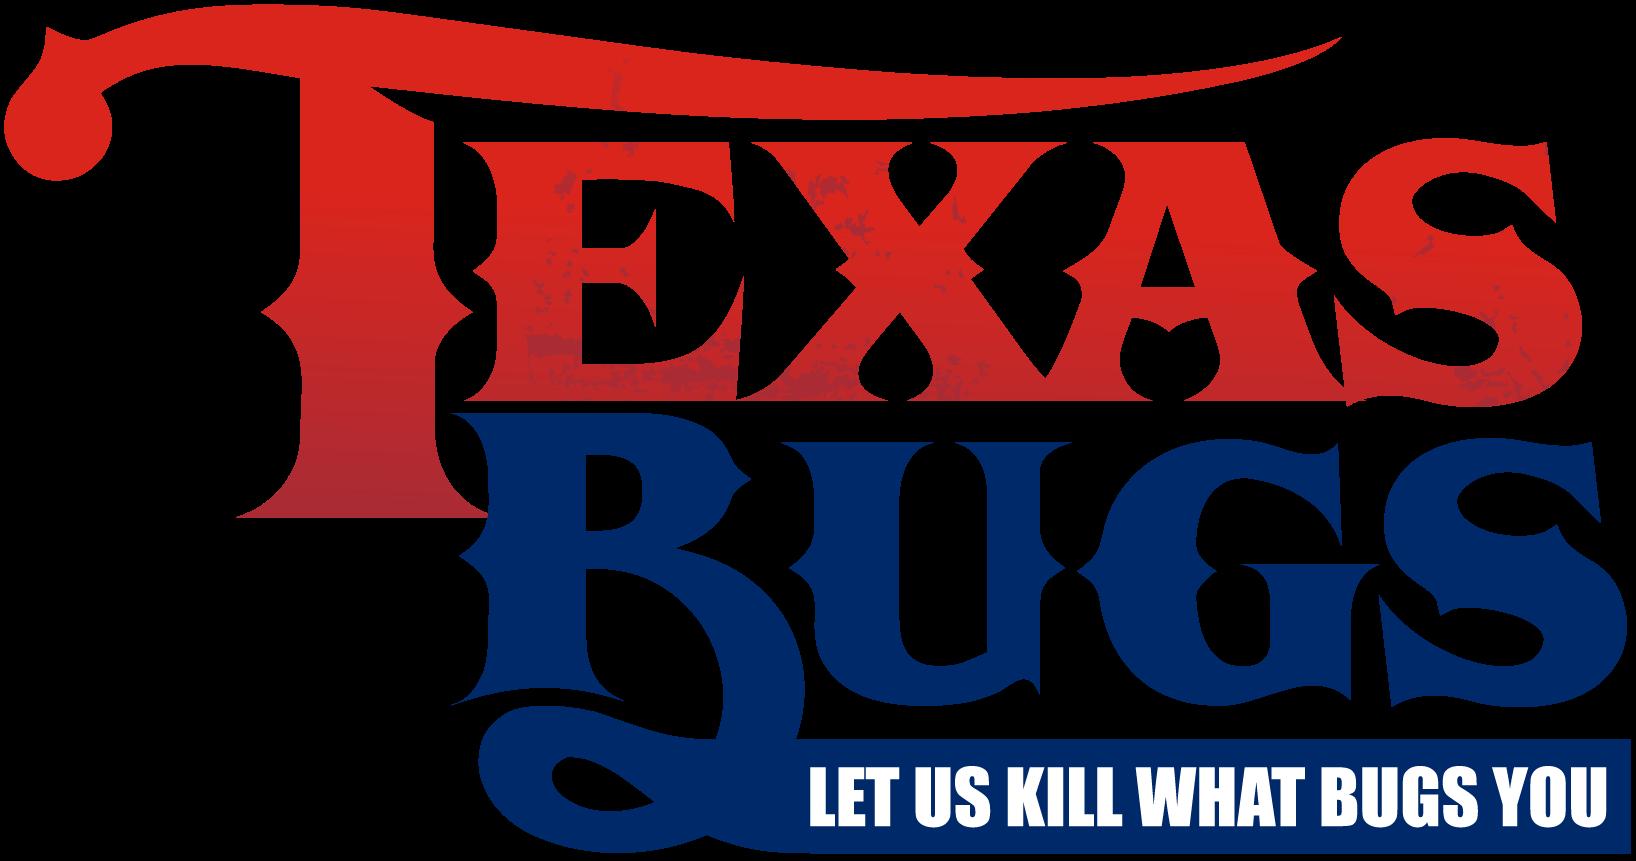 Texas Bugs